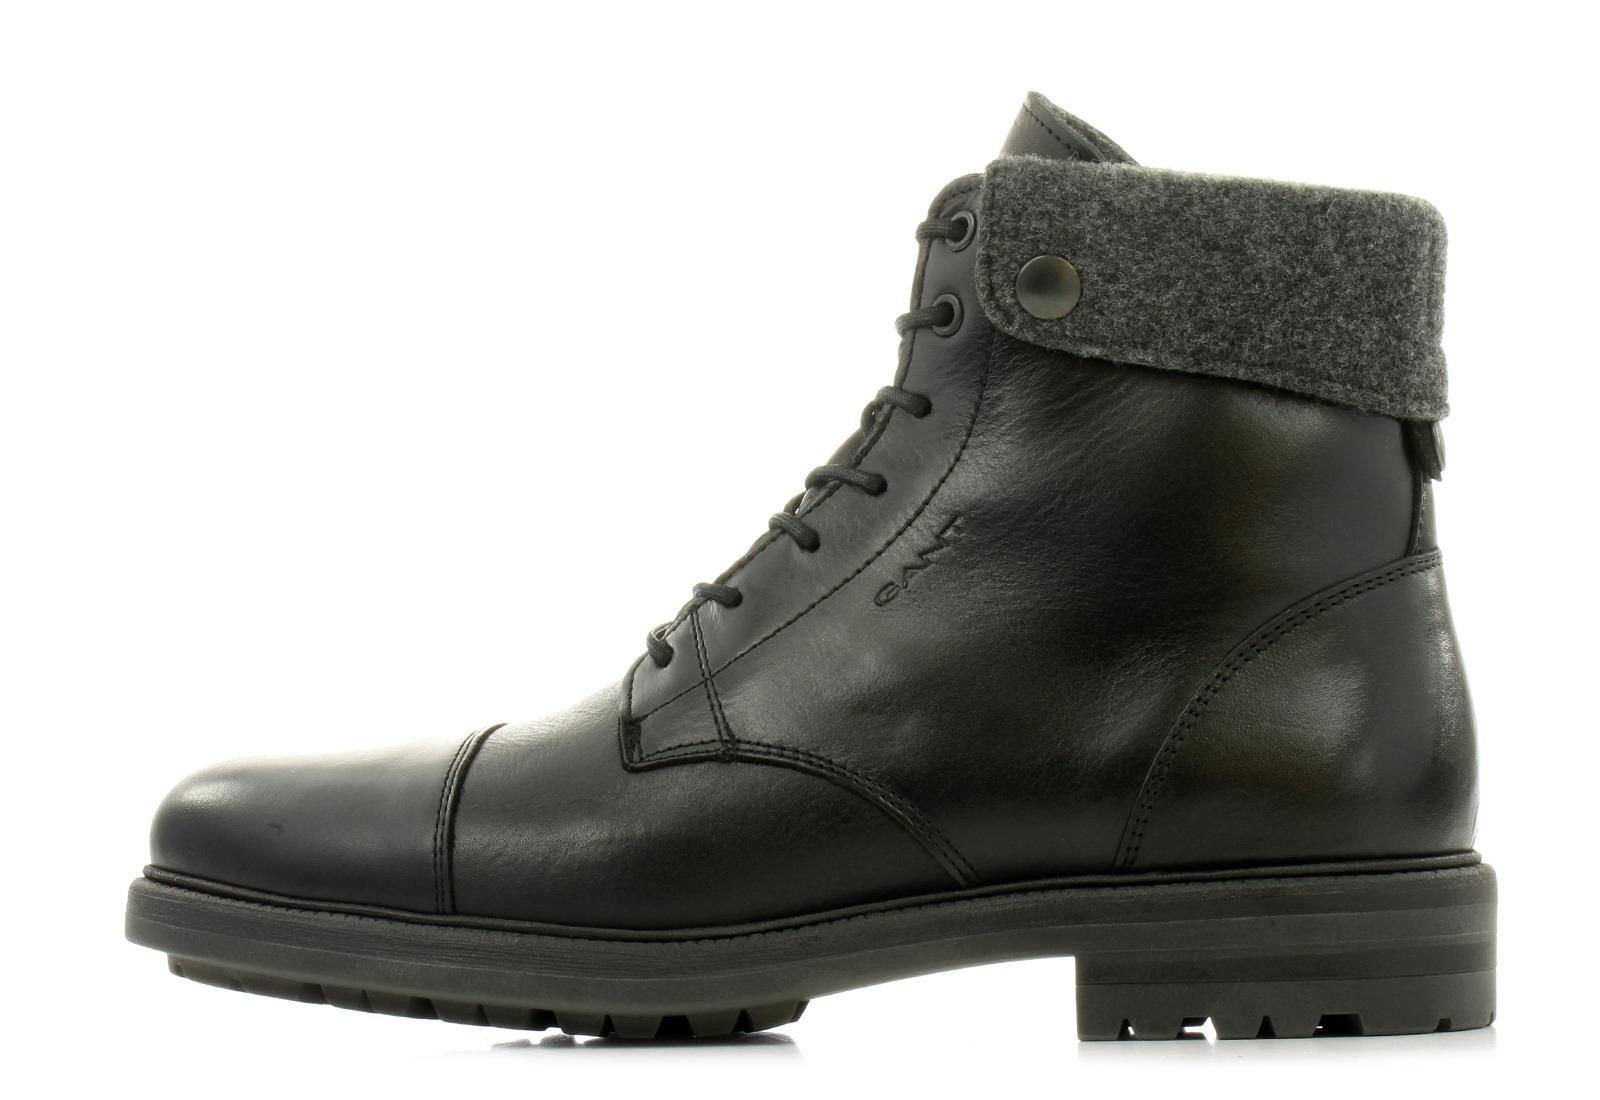 Gant Bakancs - Nobel - 17641897-G00 - Office Shoes Magyarország e6dfa02f3e